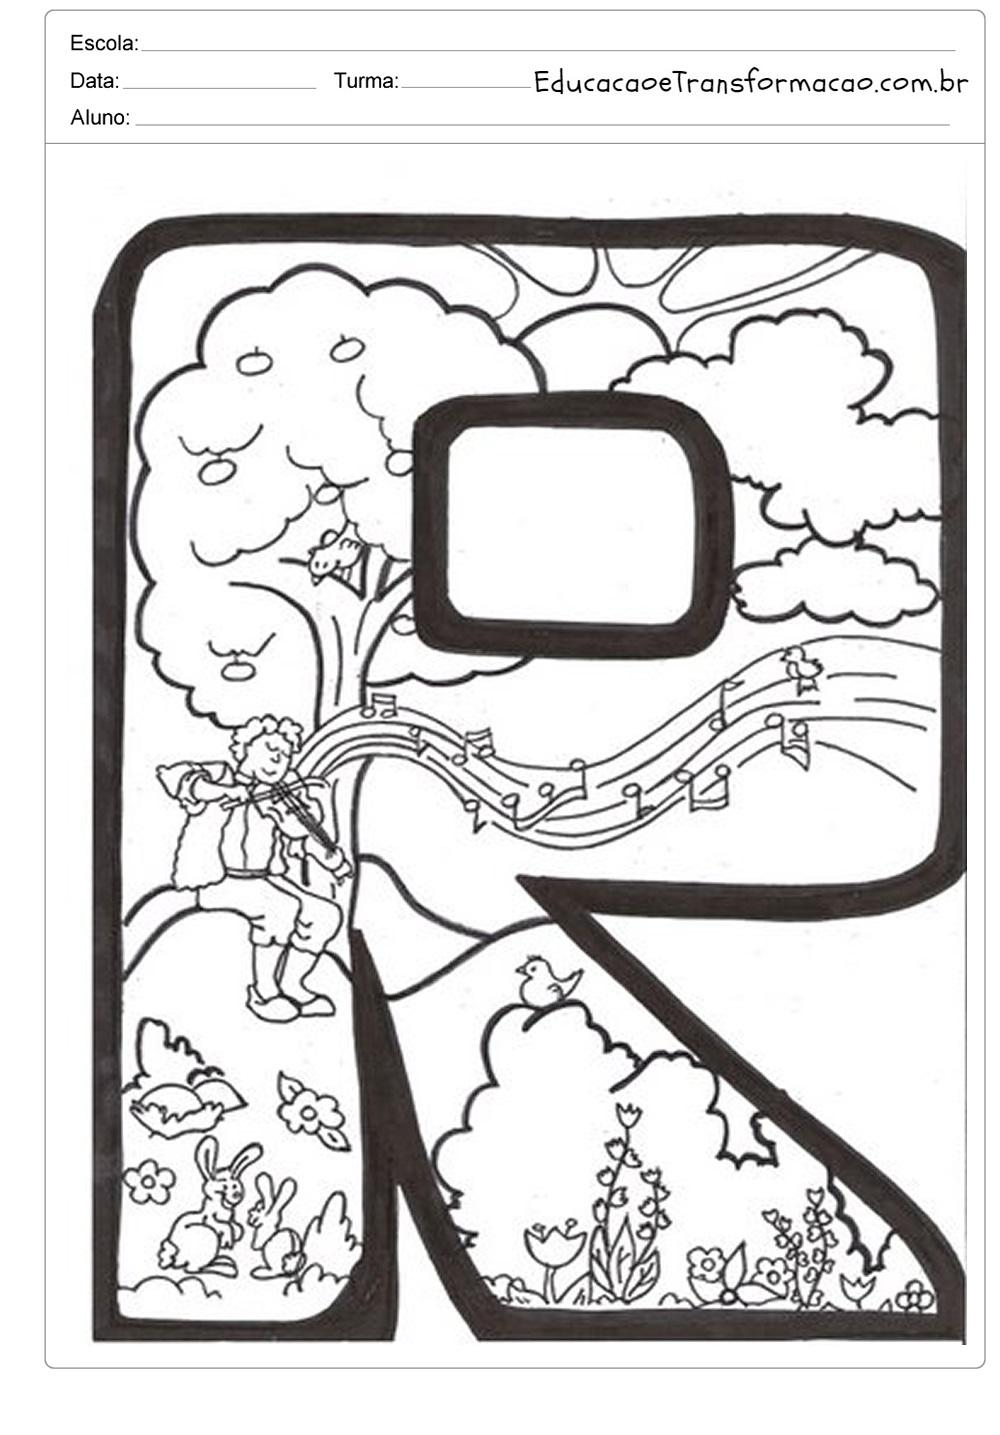 Moldes de letras para mural e painéis de primavera - Letras Ilustradas.